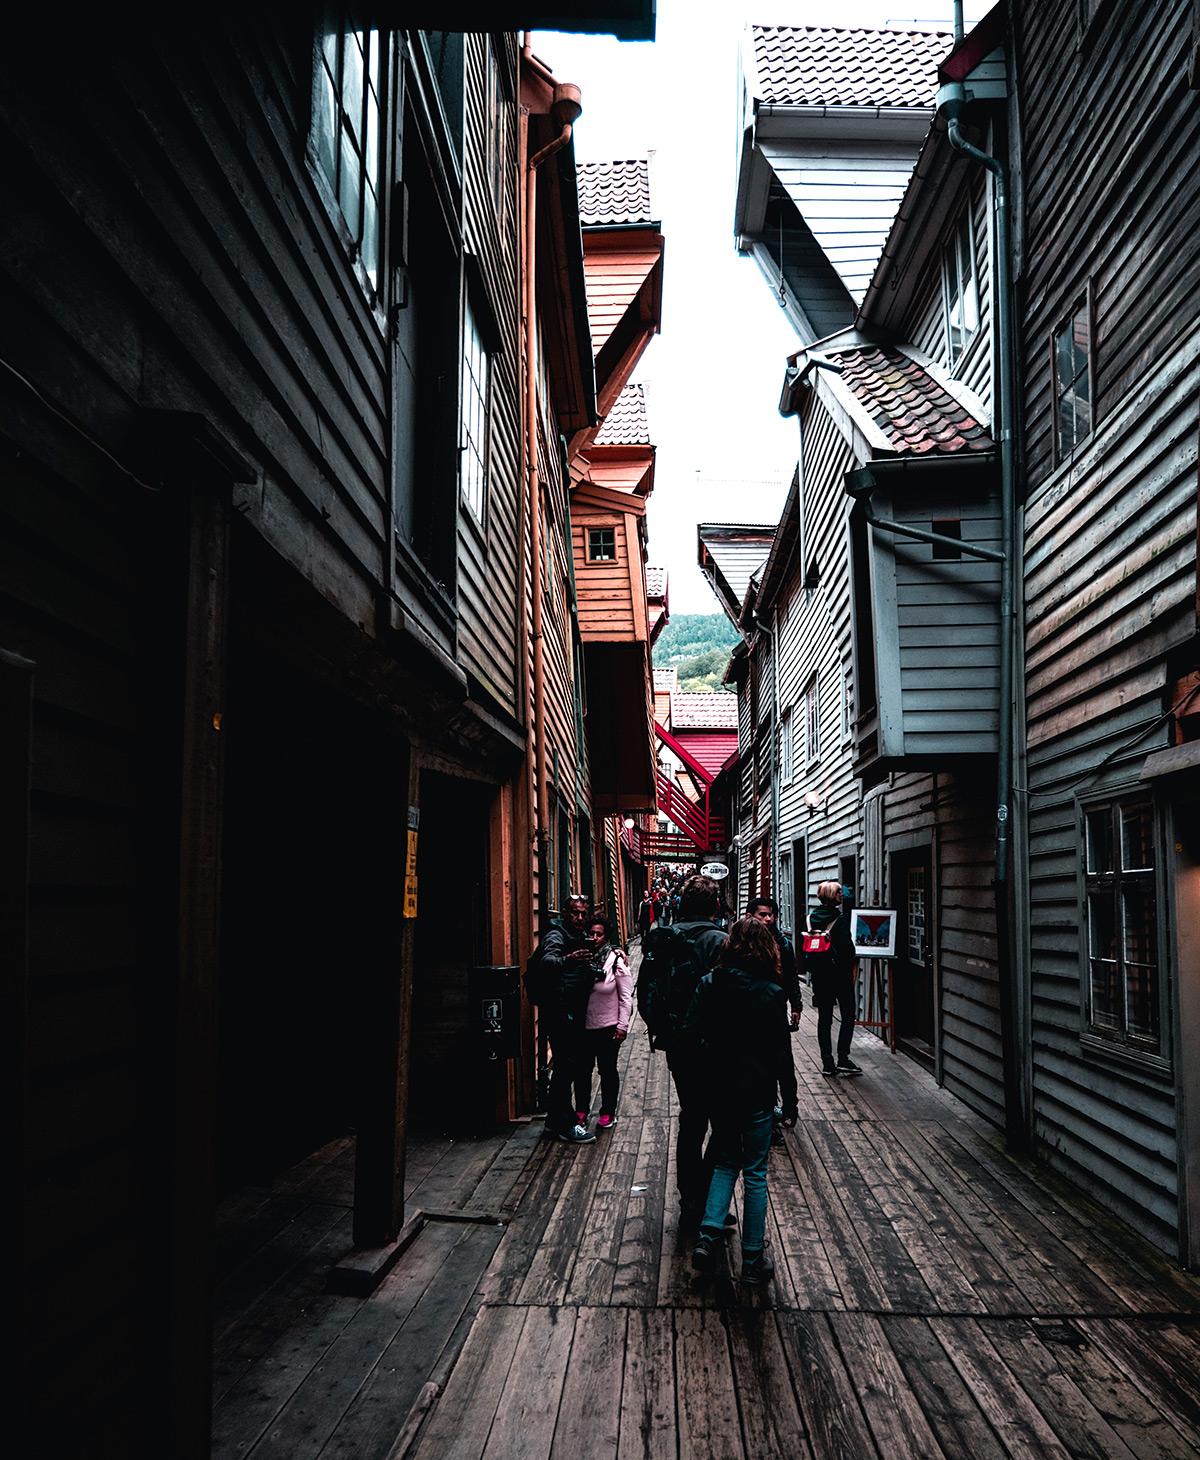 Perfekt für einen Einkaufsbummel in Bergen: Starte deinen Design-Trip im Hanseviertel Bryggen.